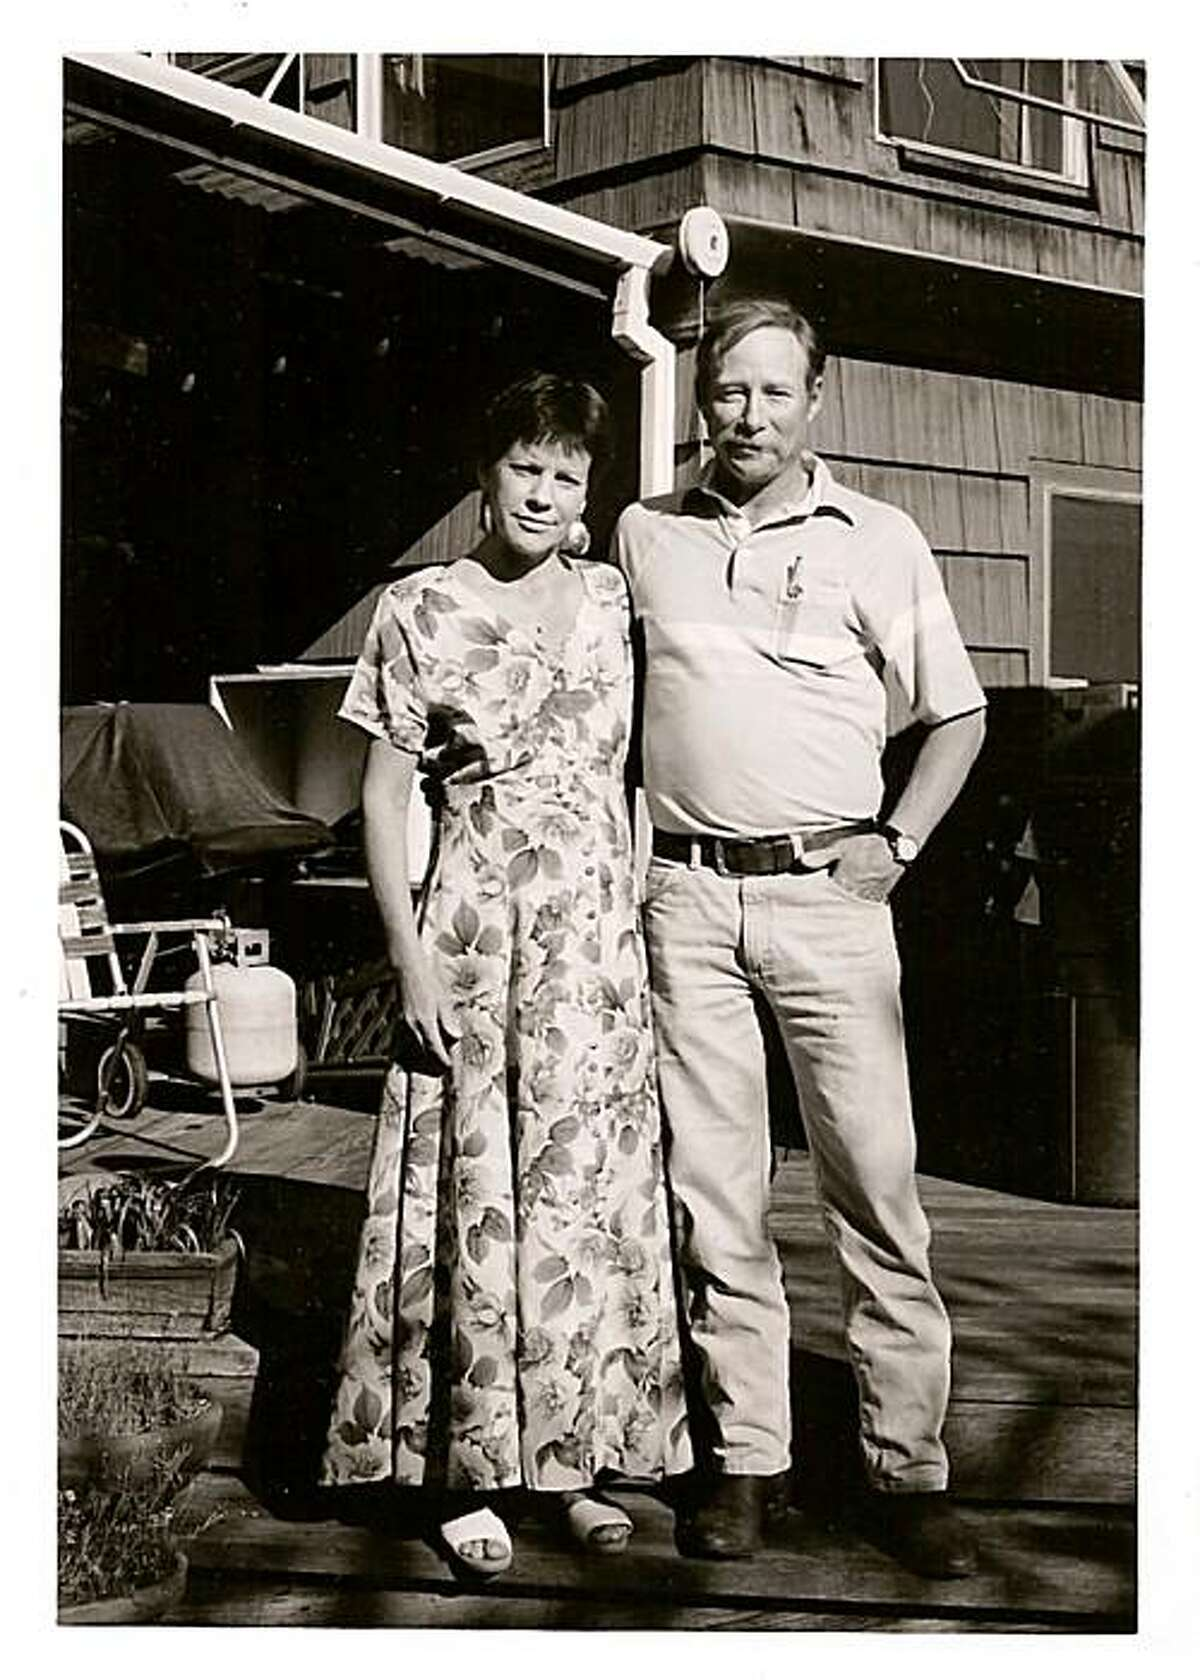 Jan Kerouac and her cousin Paul Blake, Jr., (Jack Kerouac's nephew) in Corte Madera, Cal., April 1995.